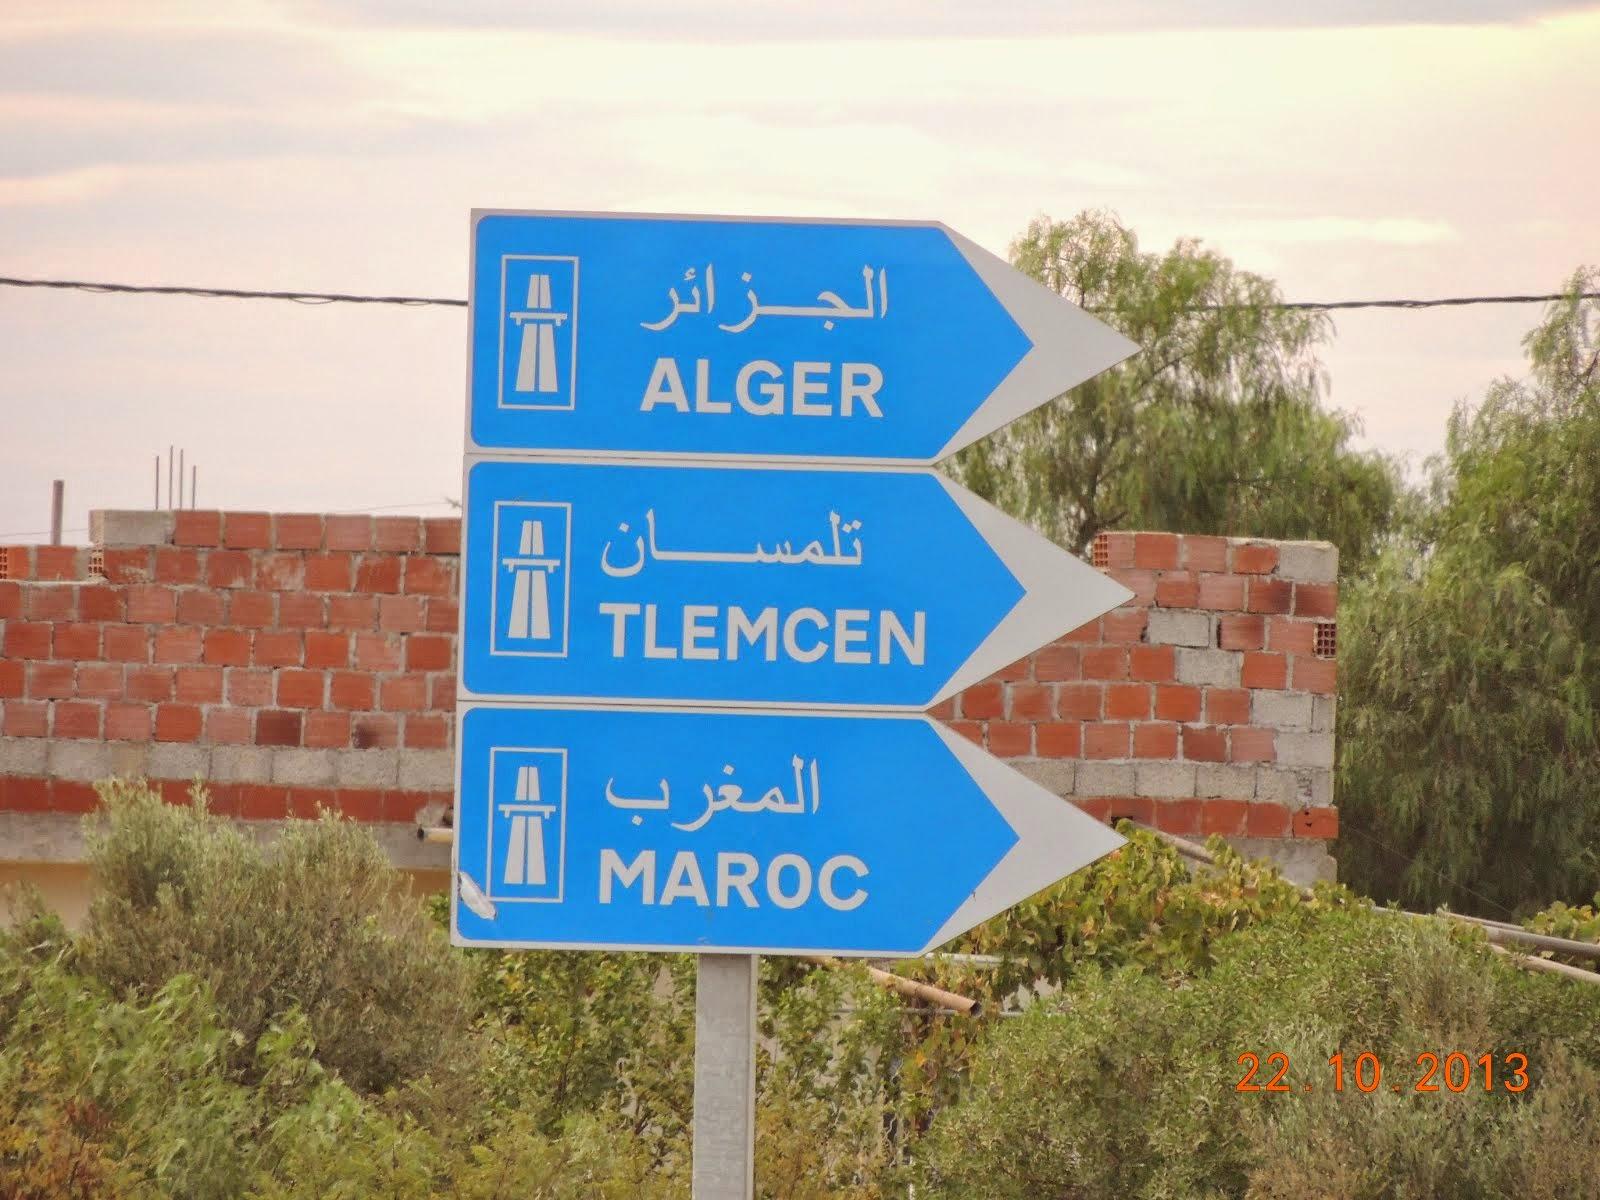 La premiére autoroute en Algérie